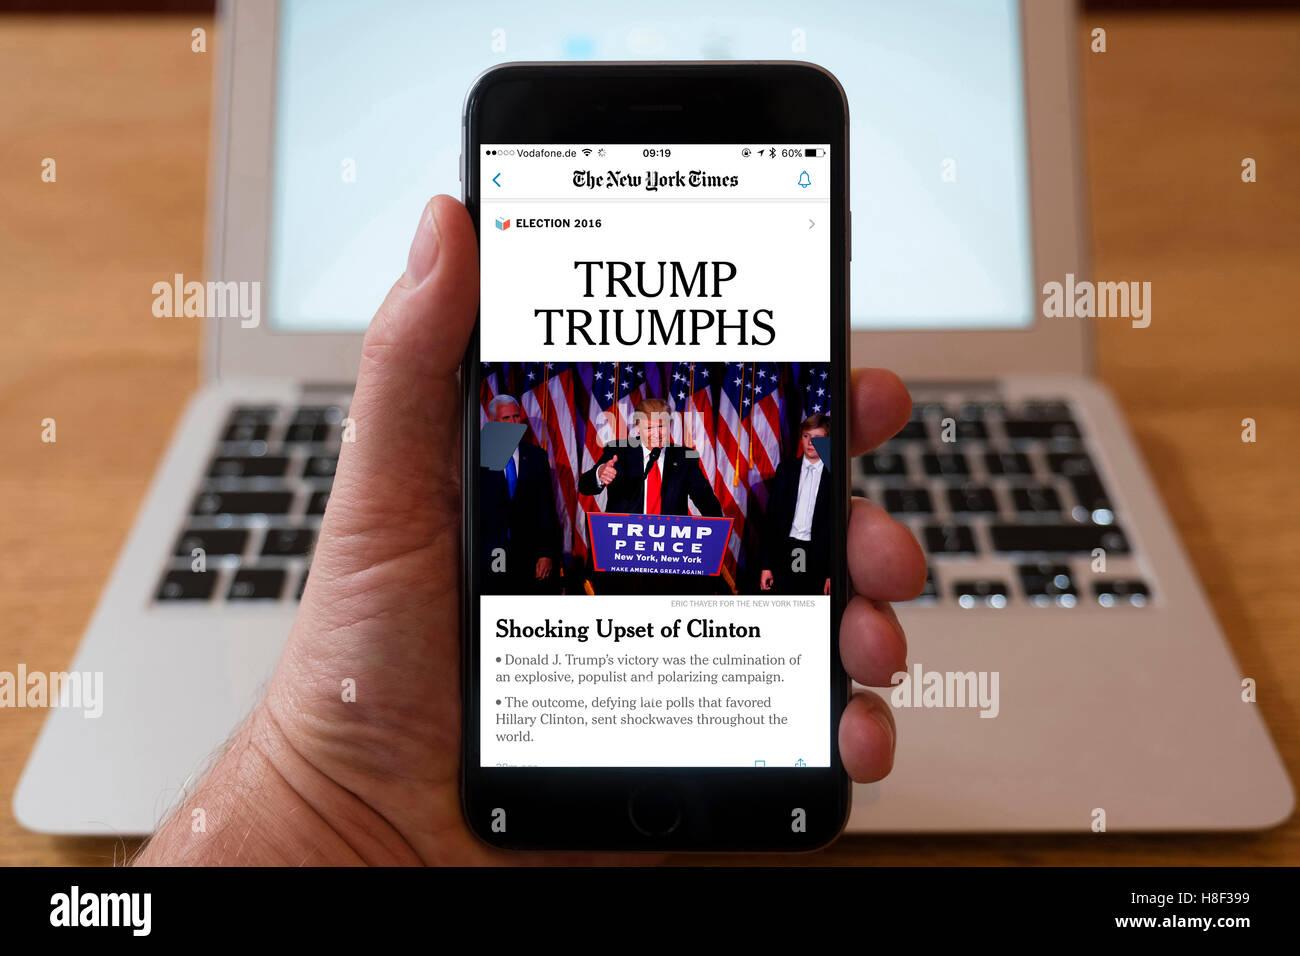 Detail des iPhone Smartphone zeigt Online-mobile Front-Page Schlagzeile aus der New York Times nach Donald Trum Stockbild